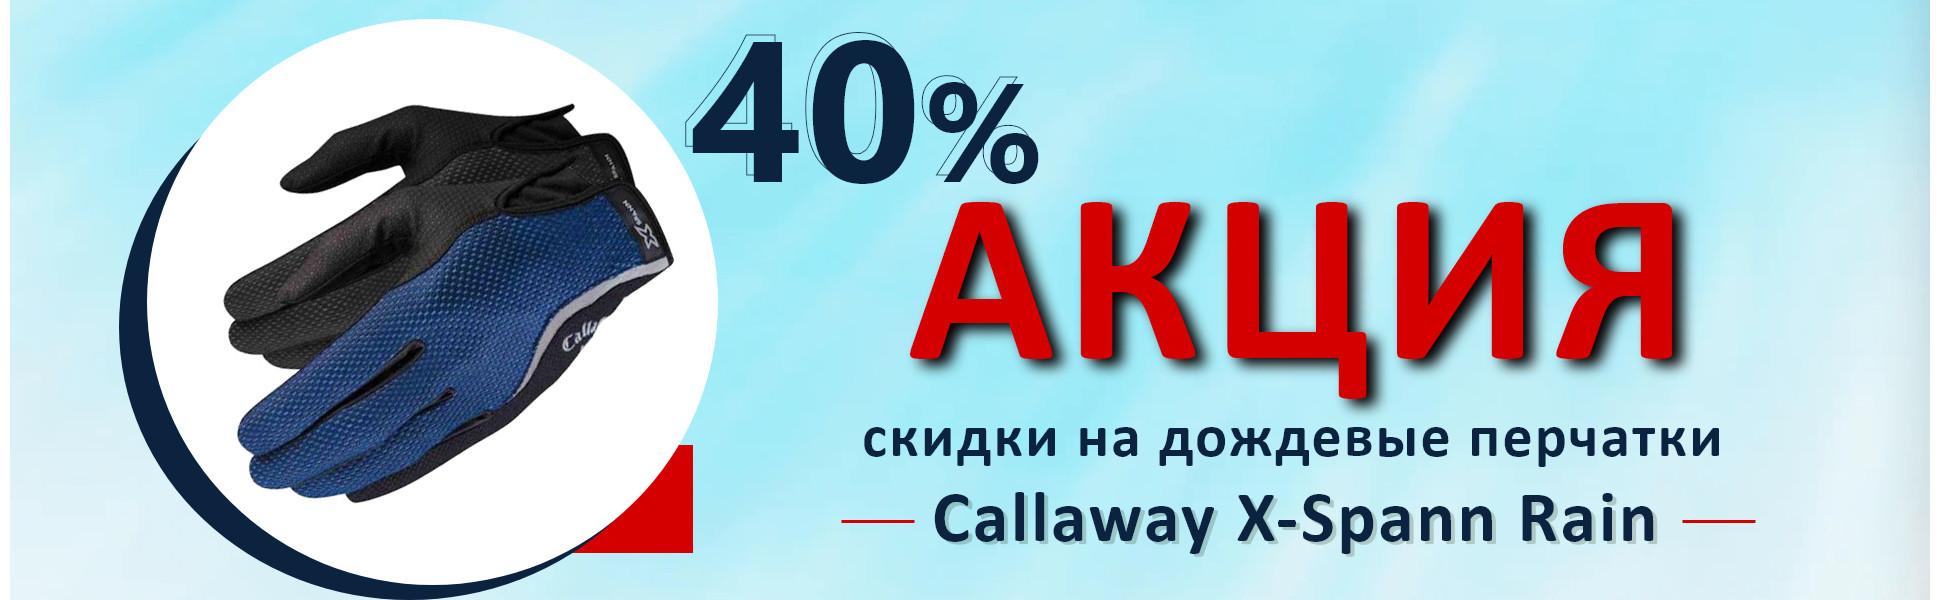 Акция -40% на перчатки